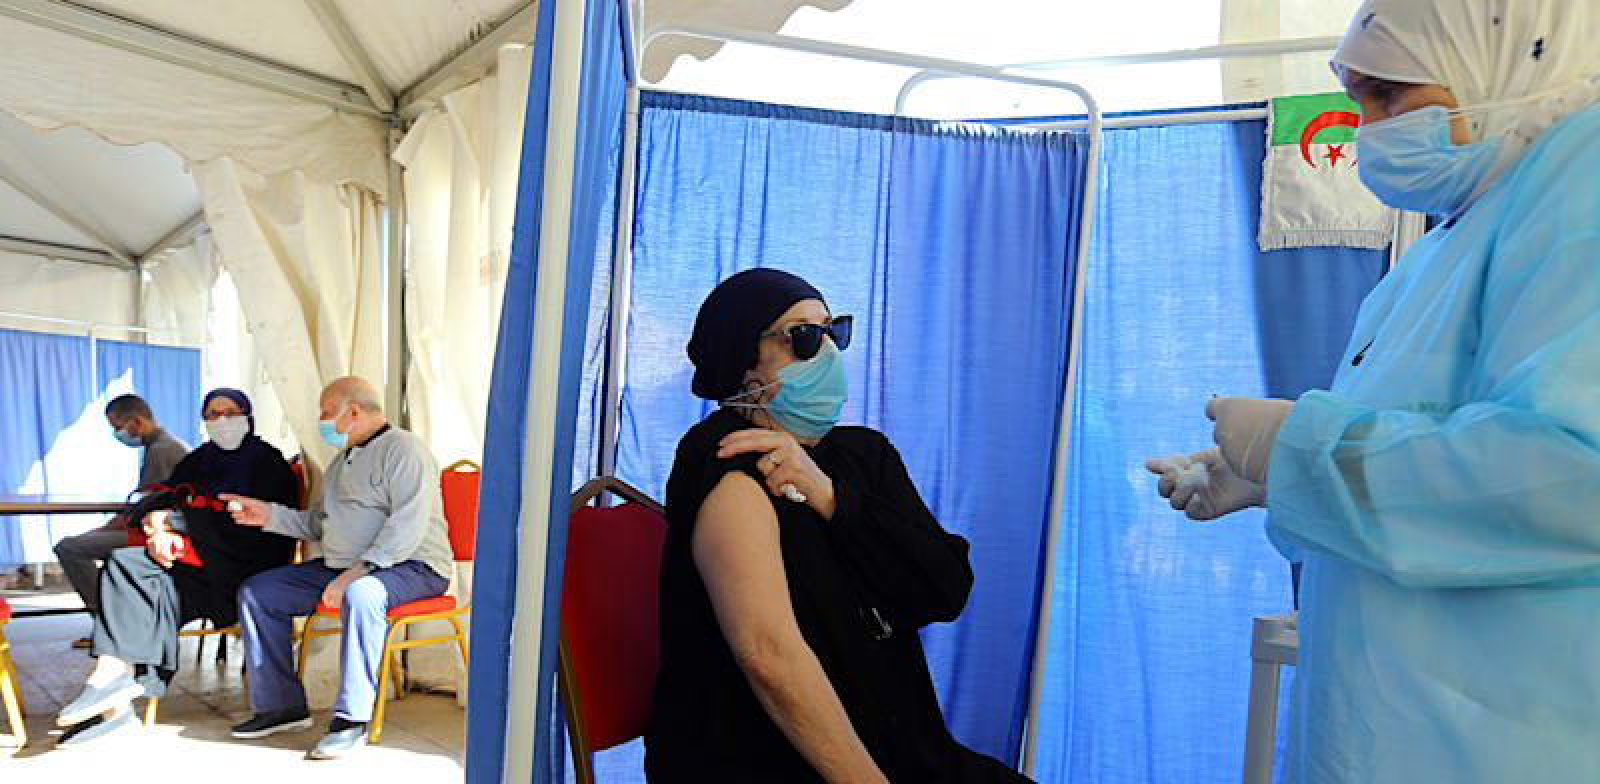 עמדת חיסונים באלג׳יר, ספטמבר 2021 / צילום: Asoociated Press